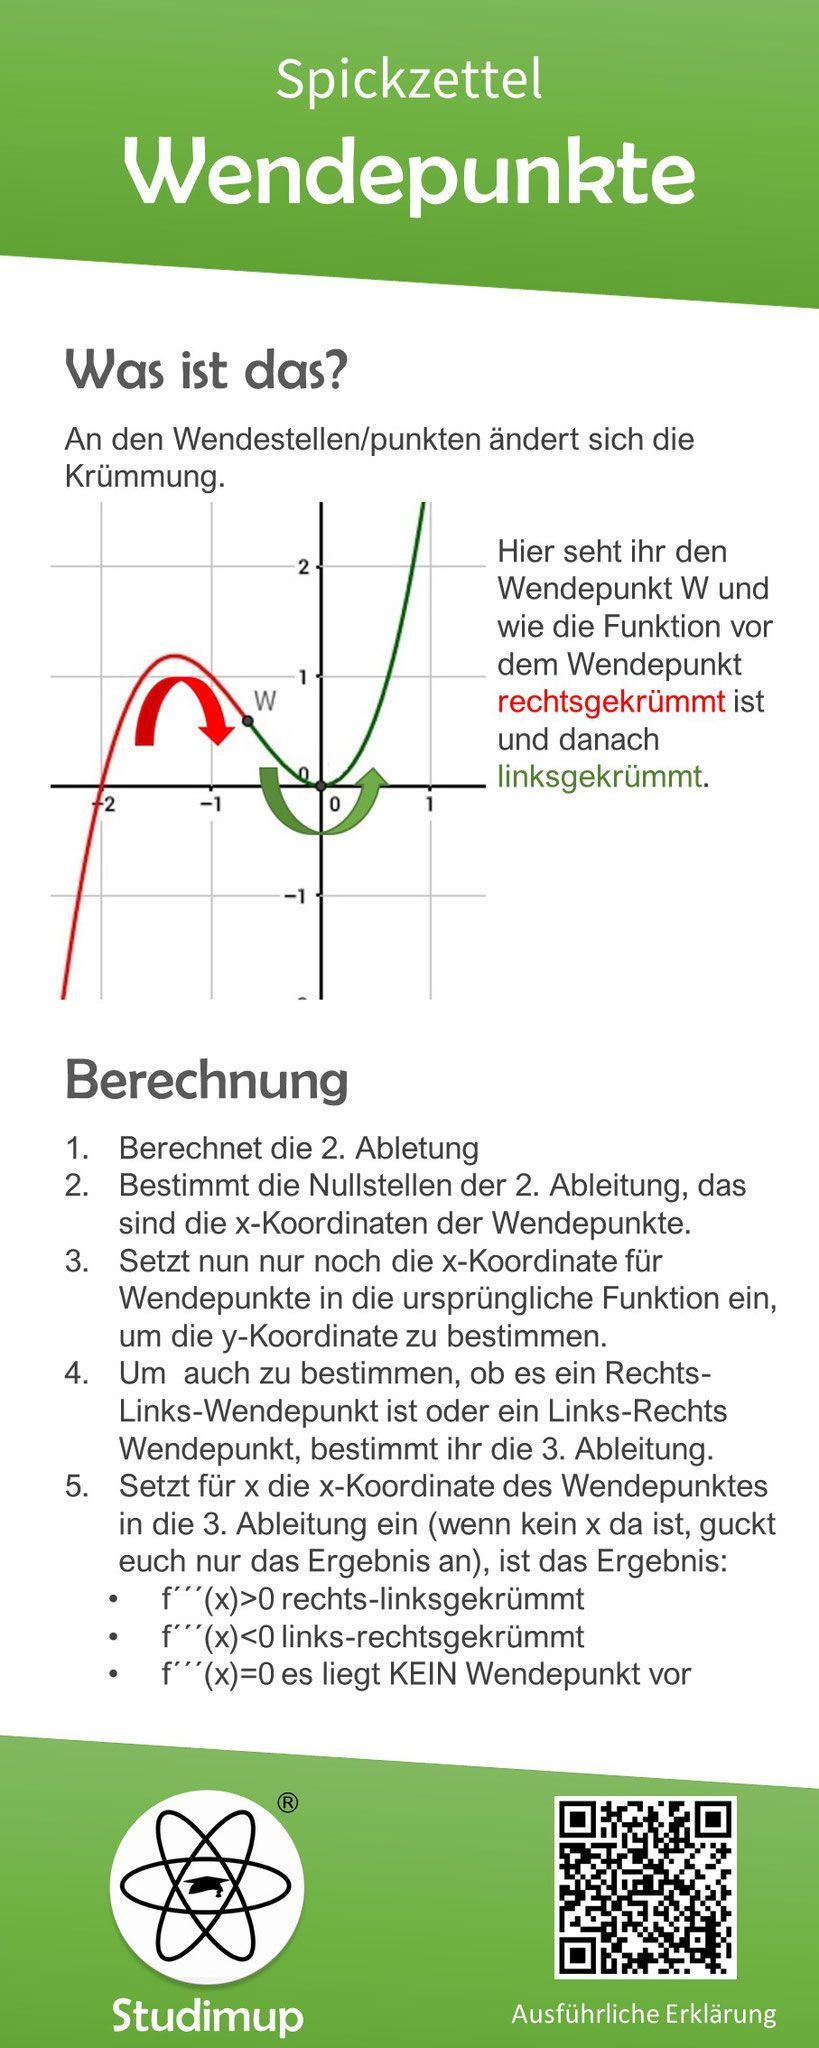 Mathe Spickzettel - Studimup.de | Spickzettel, Nachhilfe